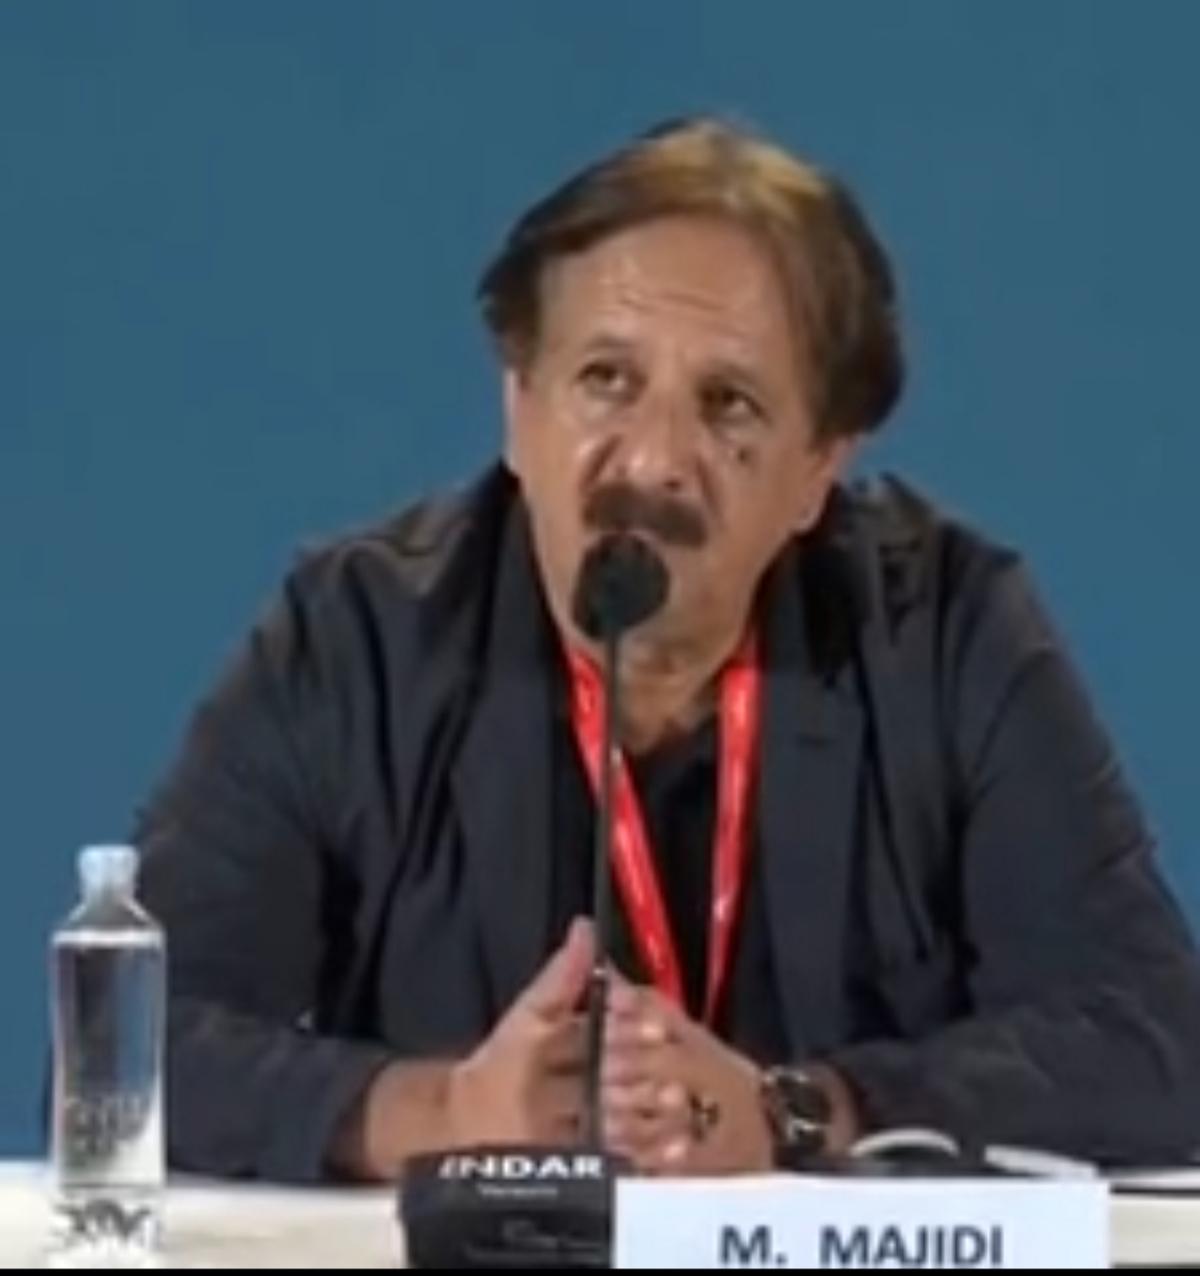 انتقاد مجید مجیدی در جشنواره ونیز از امریکا علیه ملت ایران + ویدئو